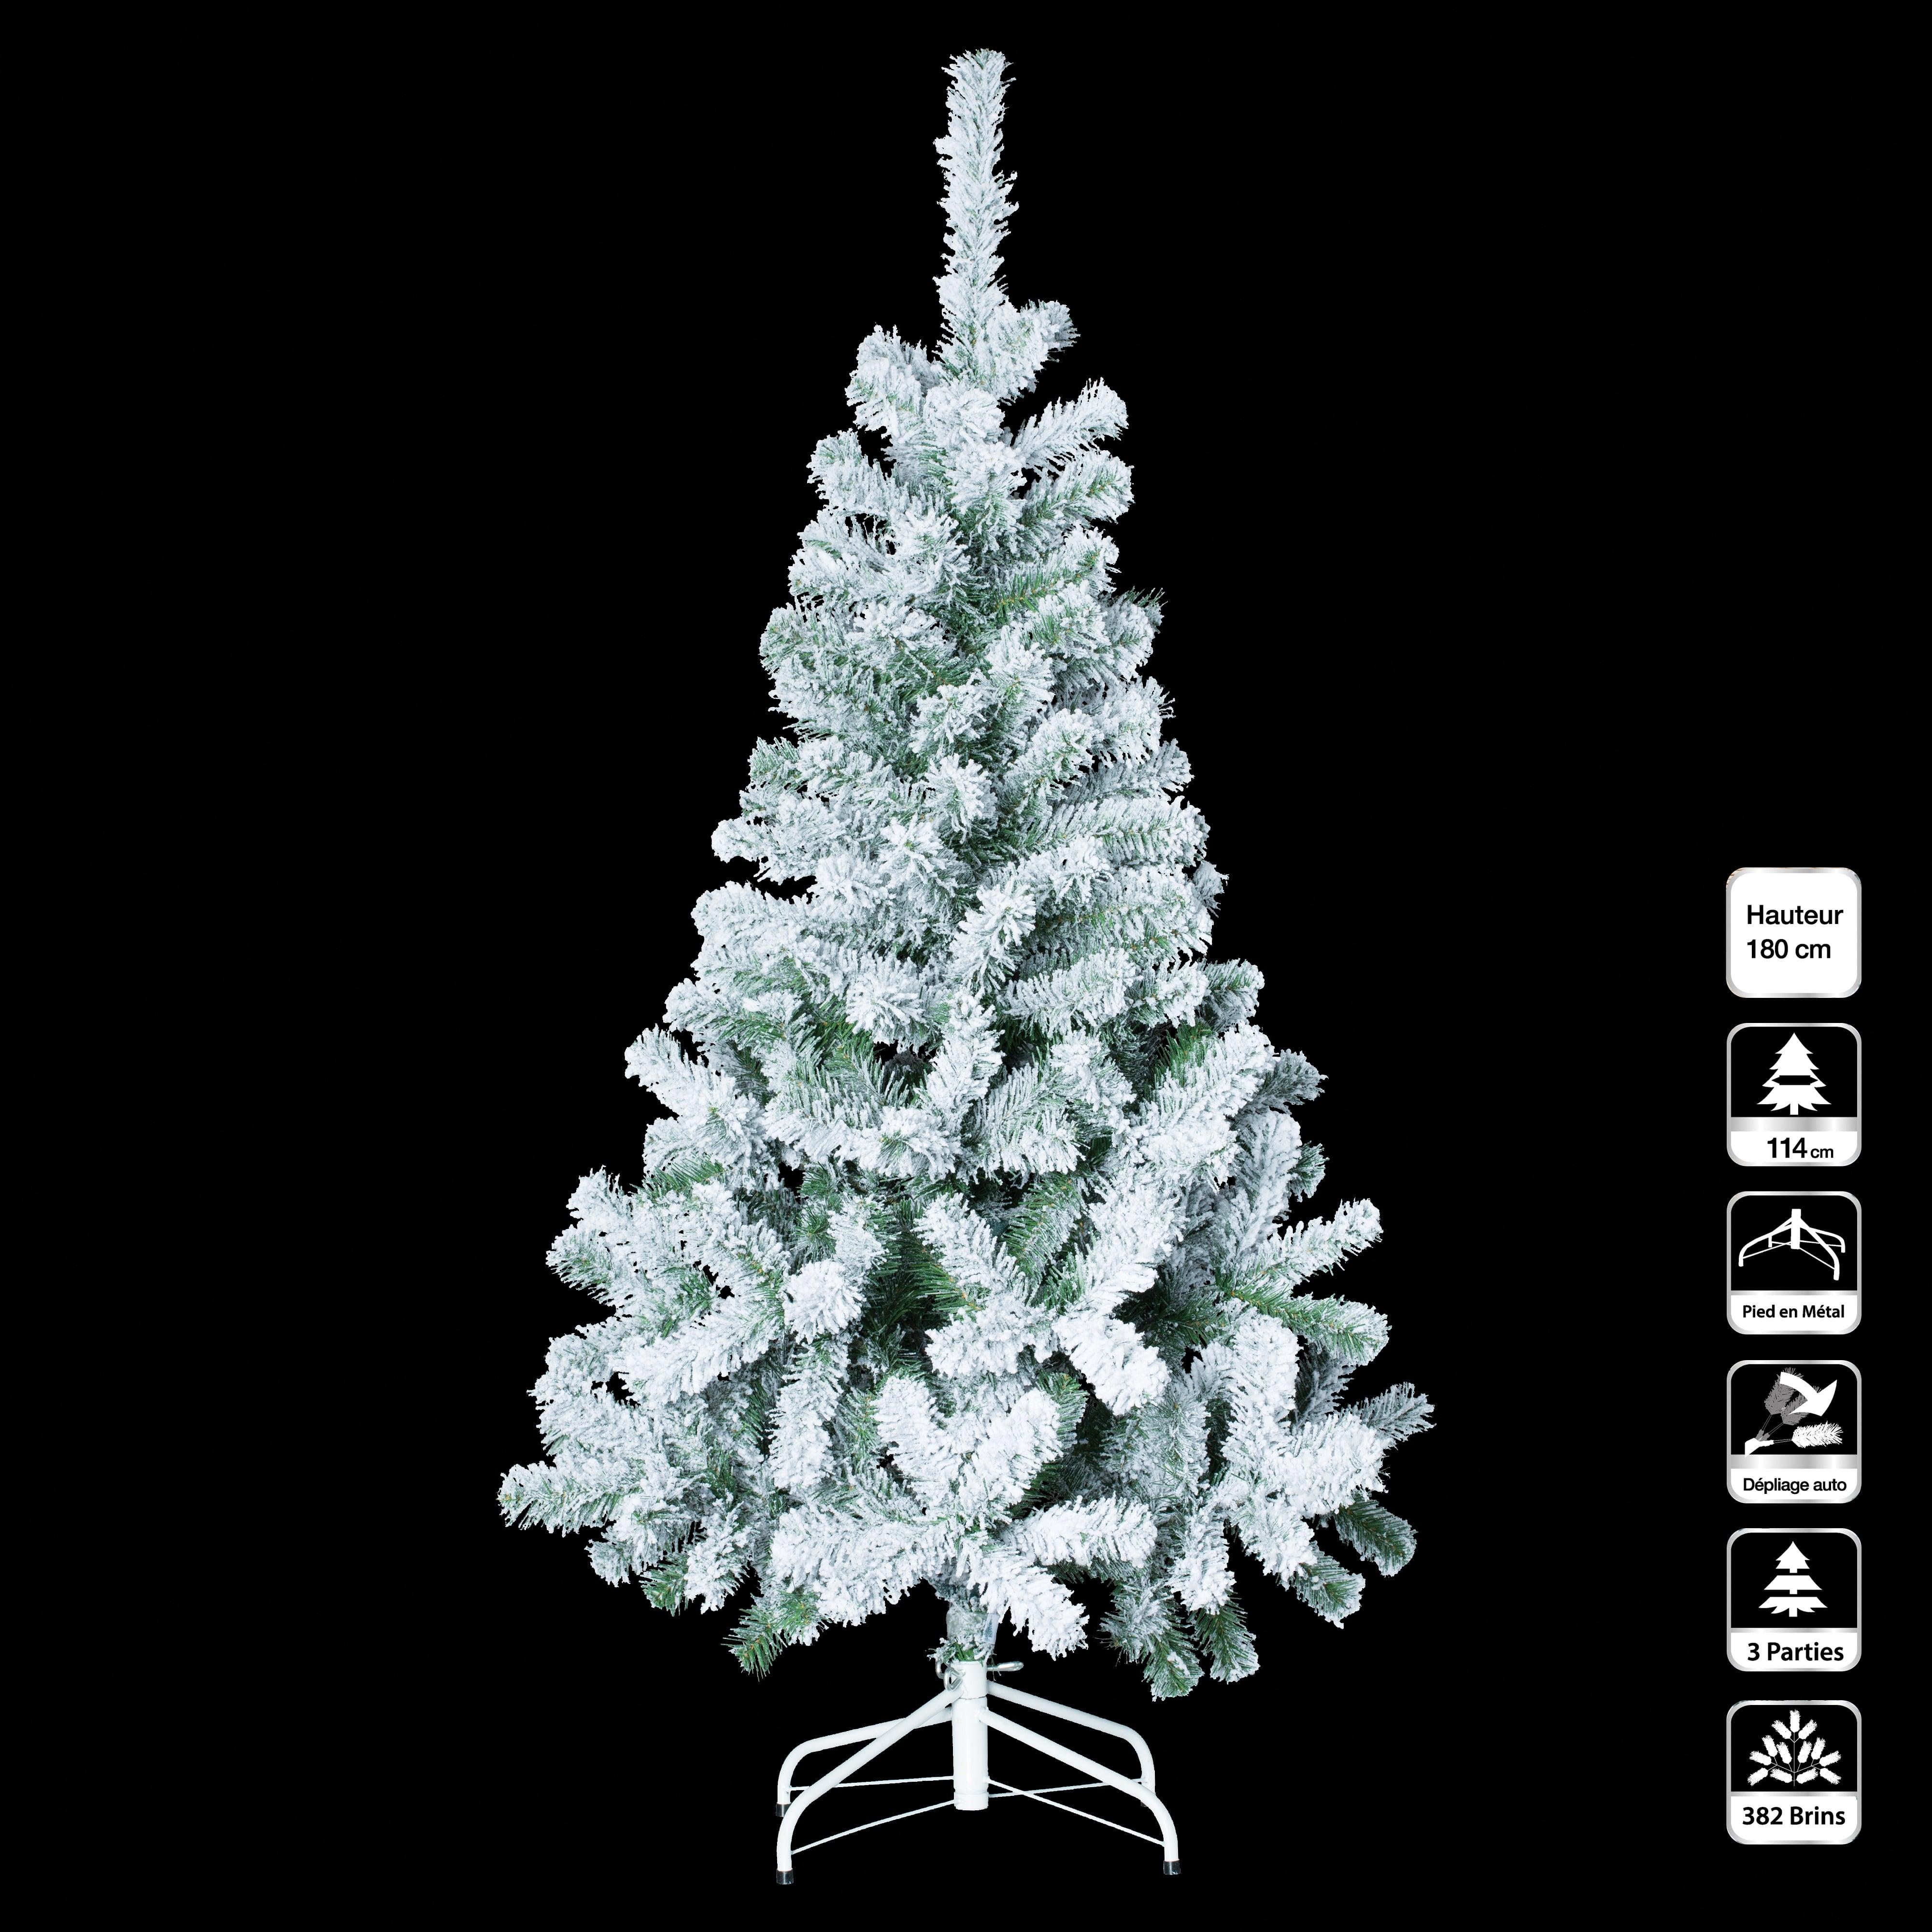 4Goodz diep besneeuwde kunstkerstboom 180 cm - 114 cm breed